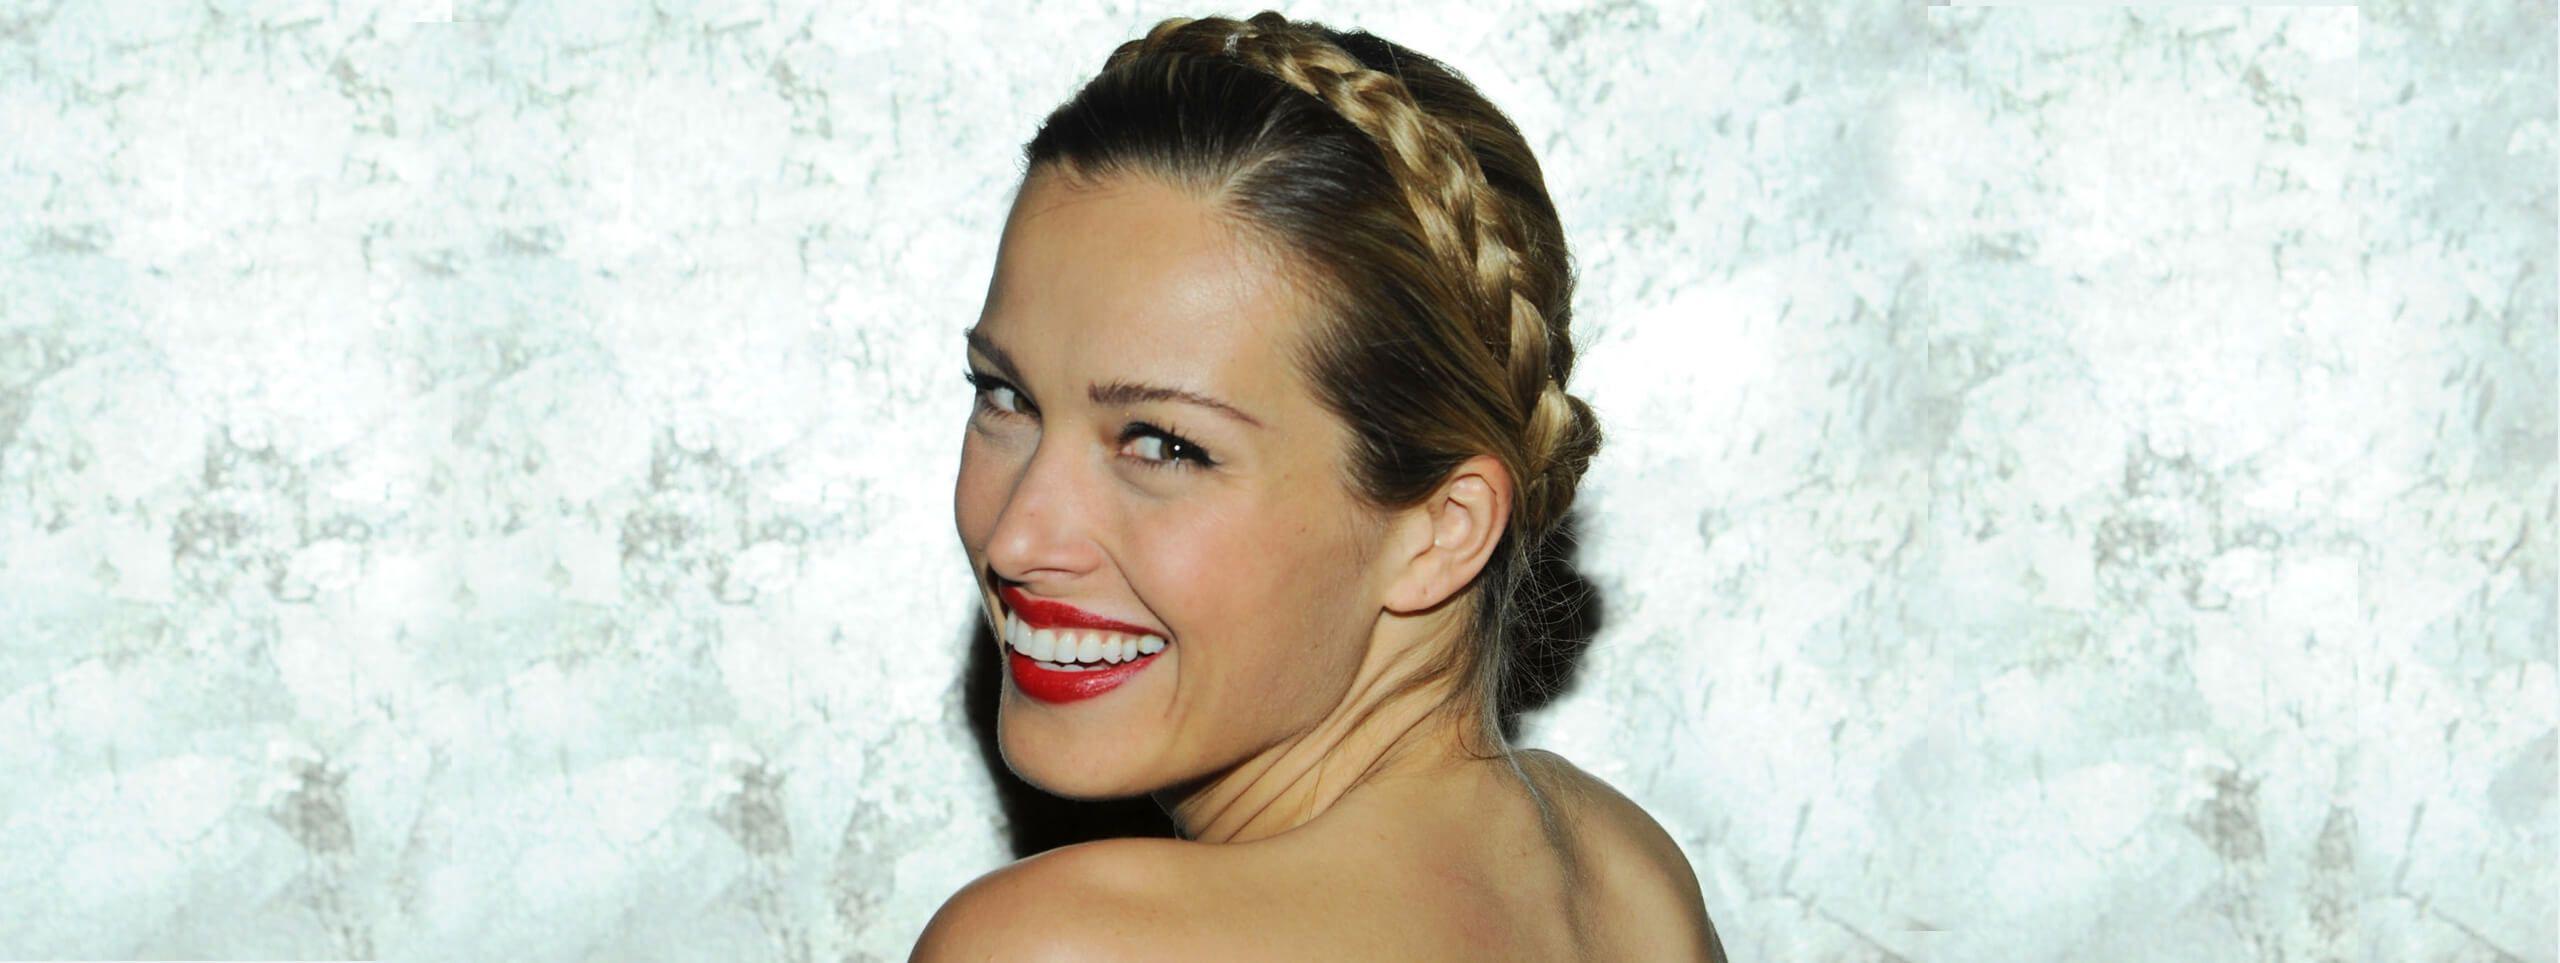 Śmiejąca się kobieta z plecionym upięciem wokół głowy